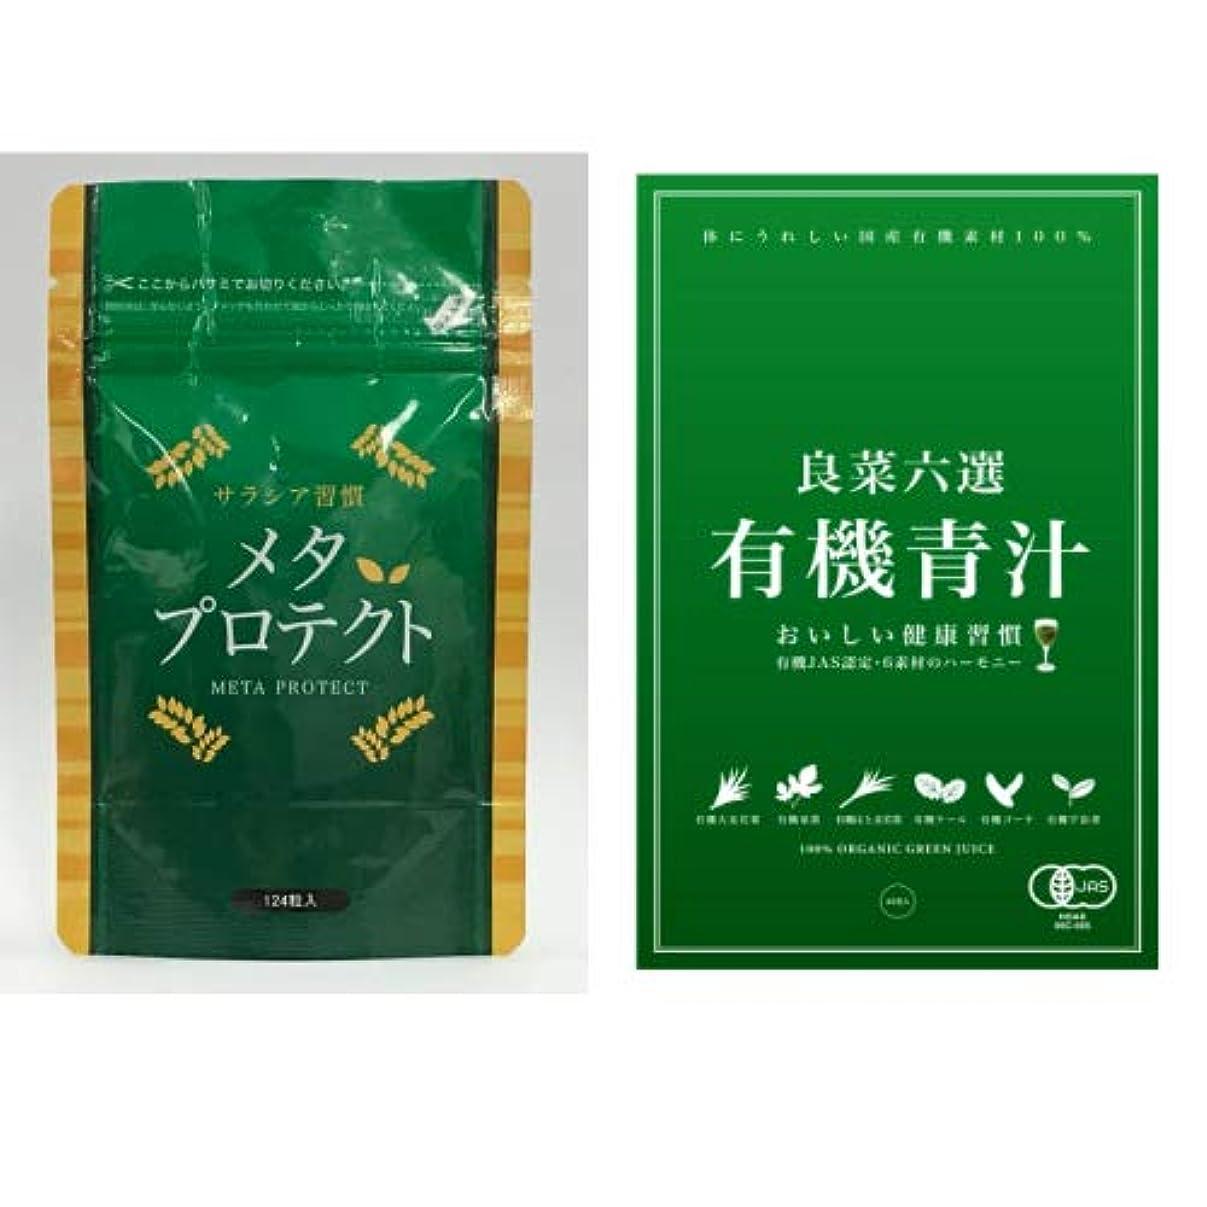 寝具習字民主主義ダイエット 肥満予防サプリメント(メタ?プロテクト124粒/青汁32包)2点セット